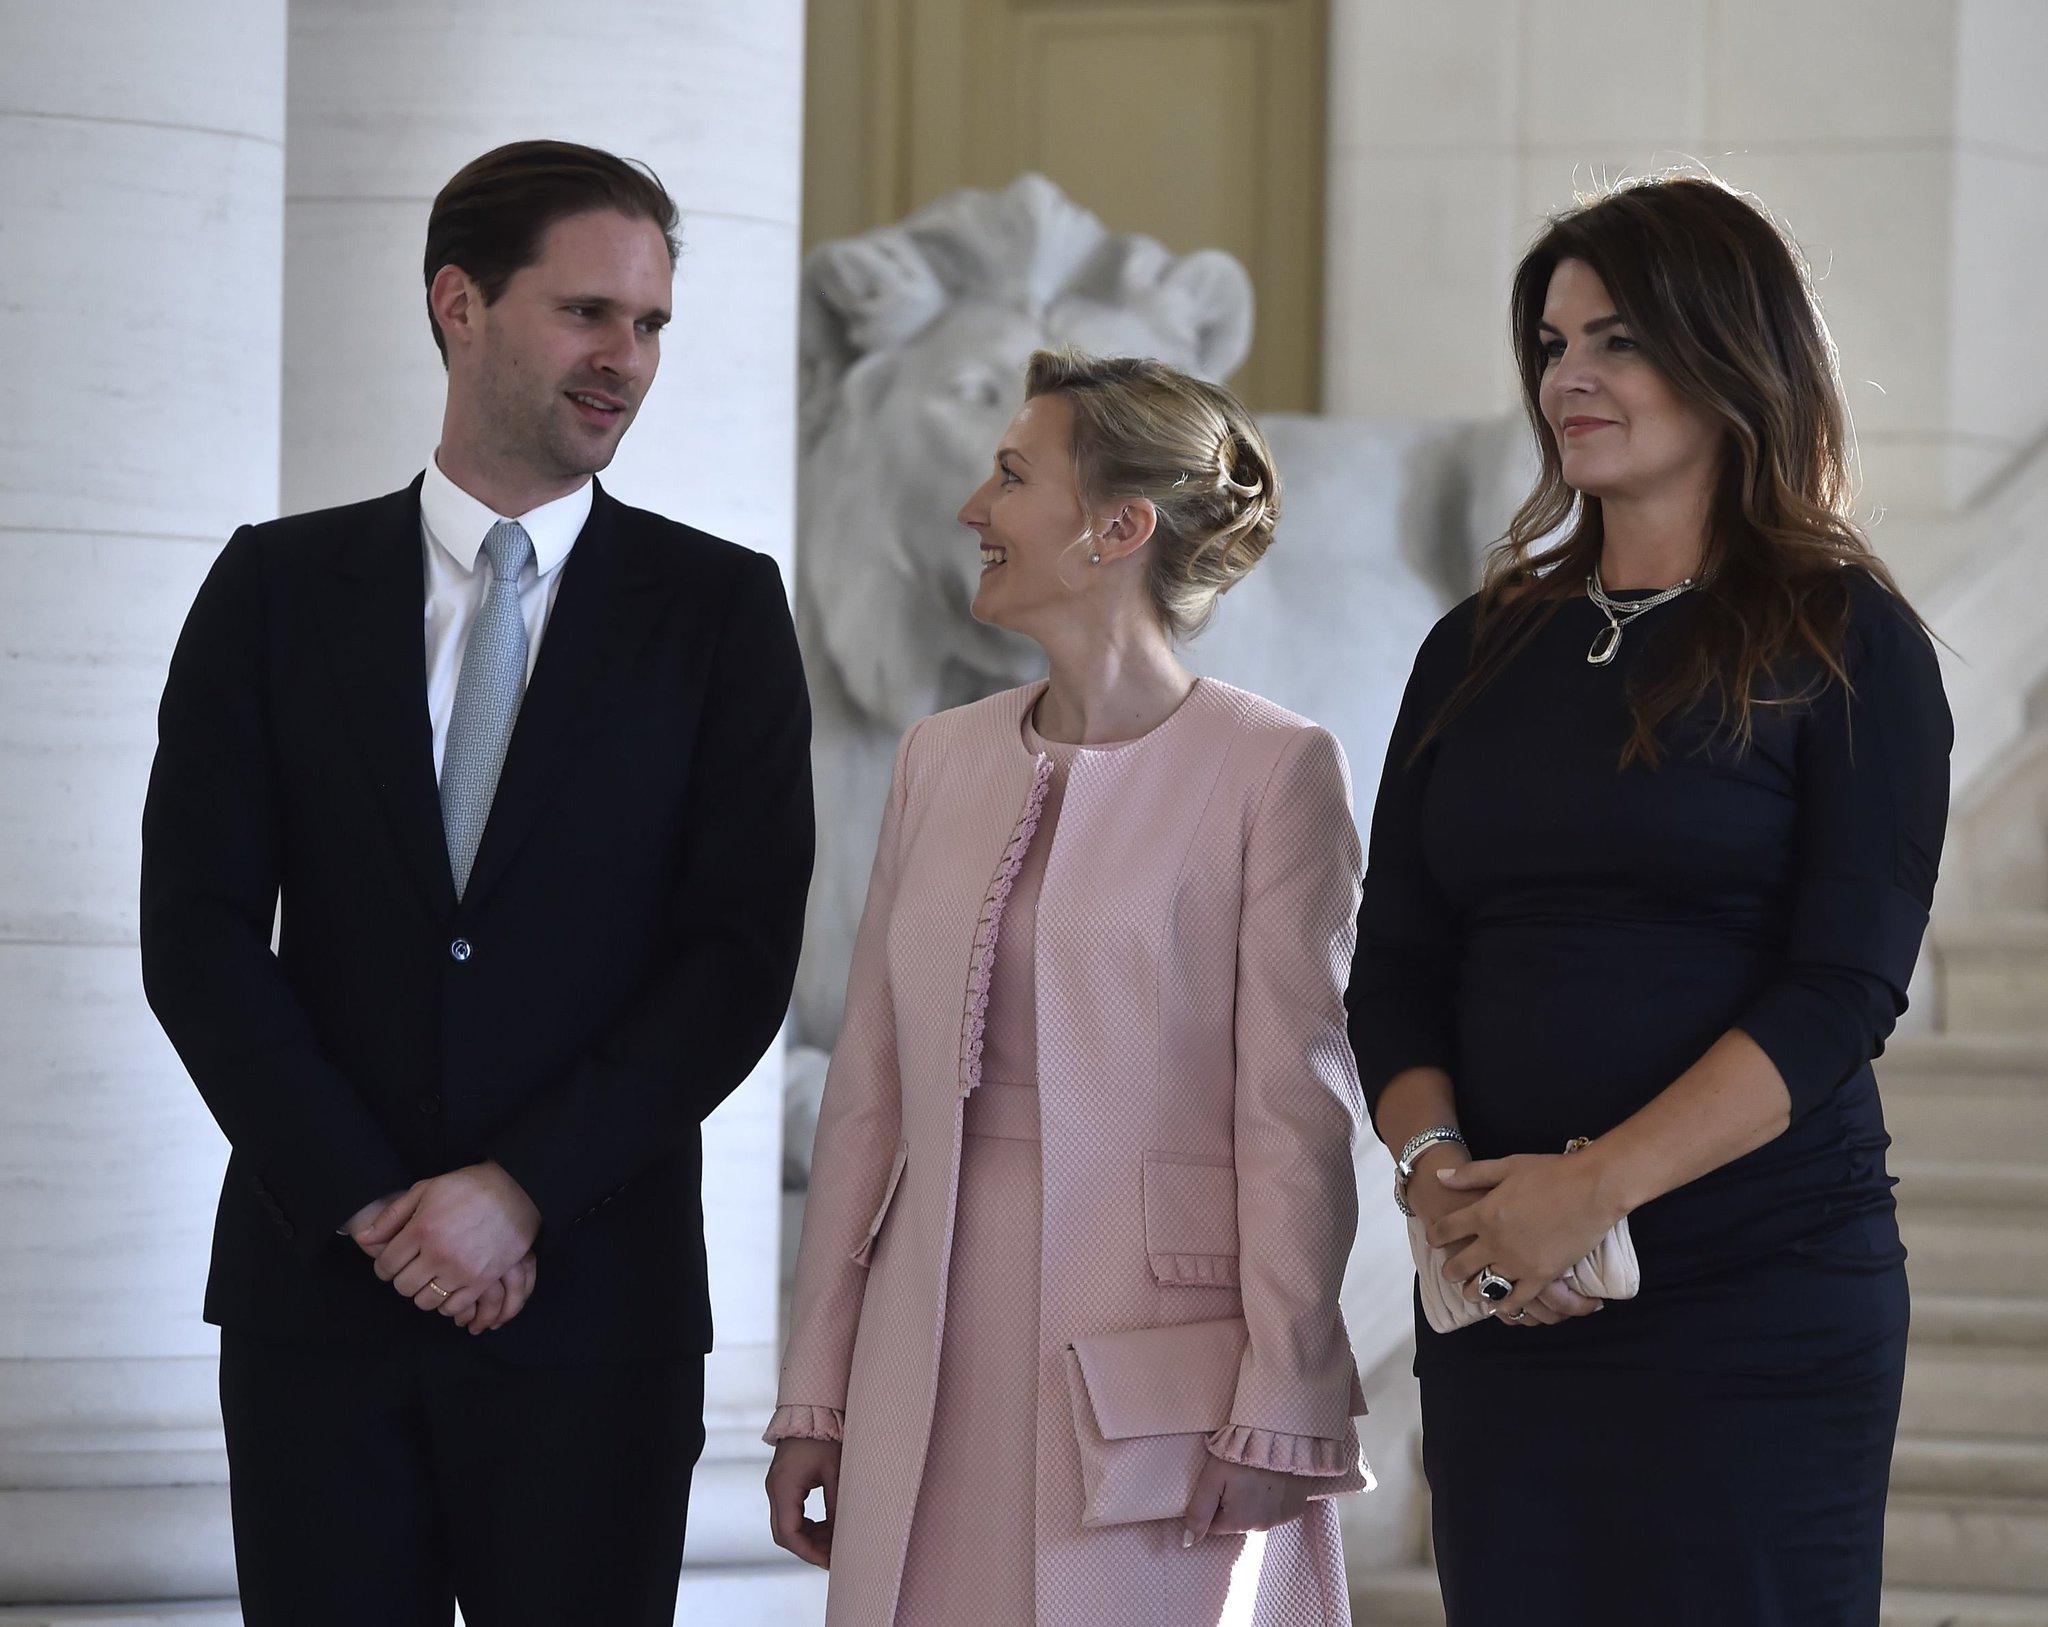 премьер министр люксембурга и его муж фото фрикционная муфта это